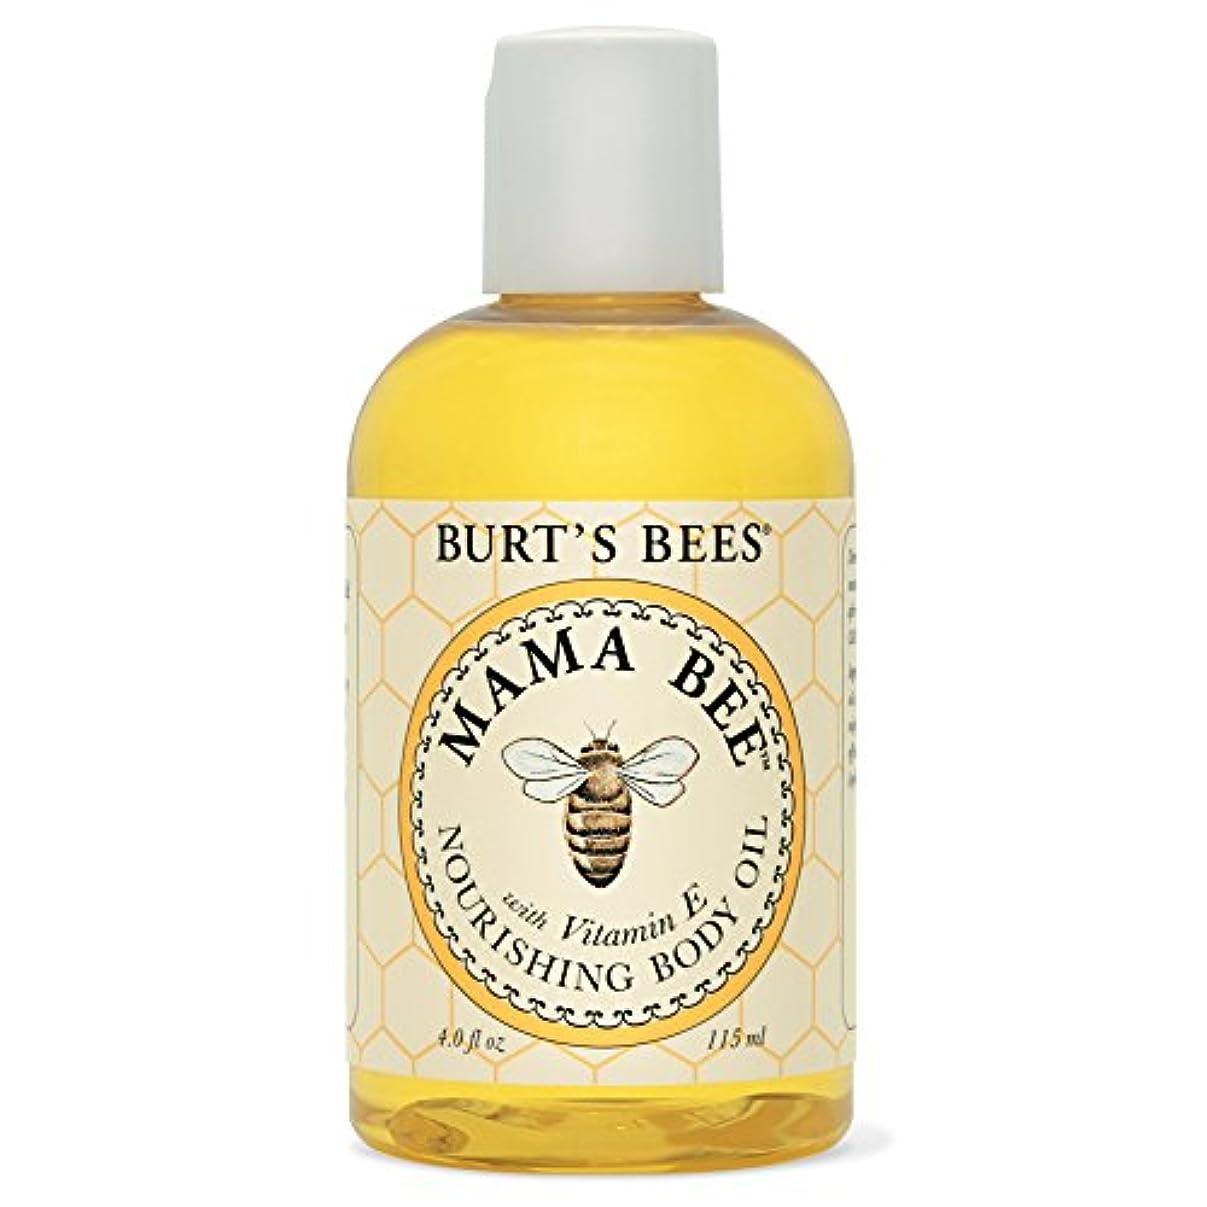 コンペチーズ最も早いバーツビーママ蜂栄養ボディオイル115ミリリットル (Burt's Bees) (x2) - Burt's Bees Mama Bee Nourishing Body Oil 115ml (Pack of 2) [並行輸入品]